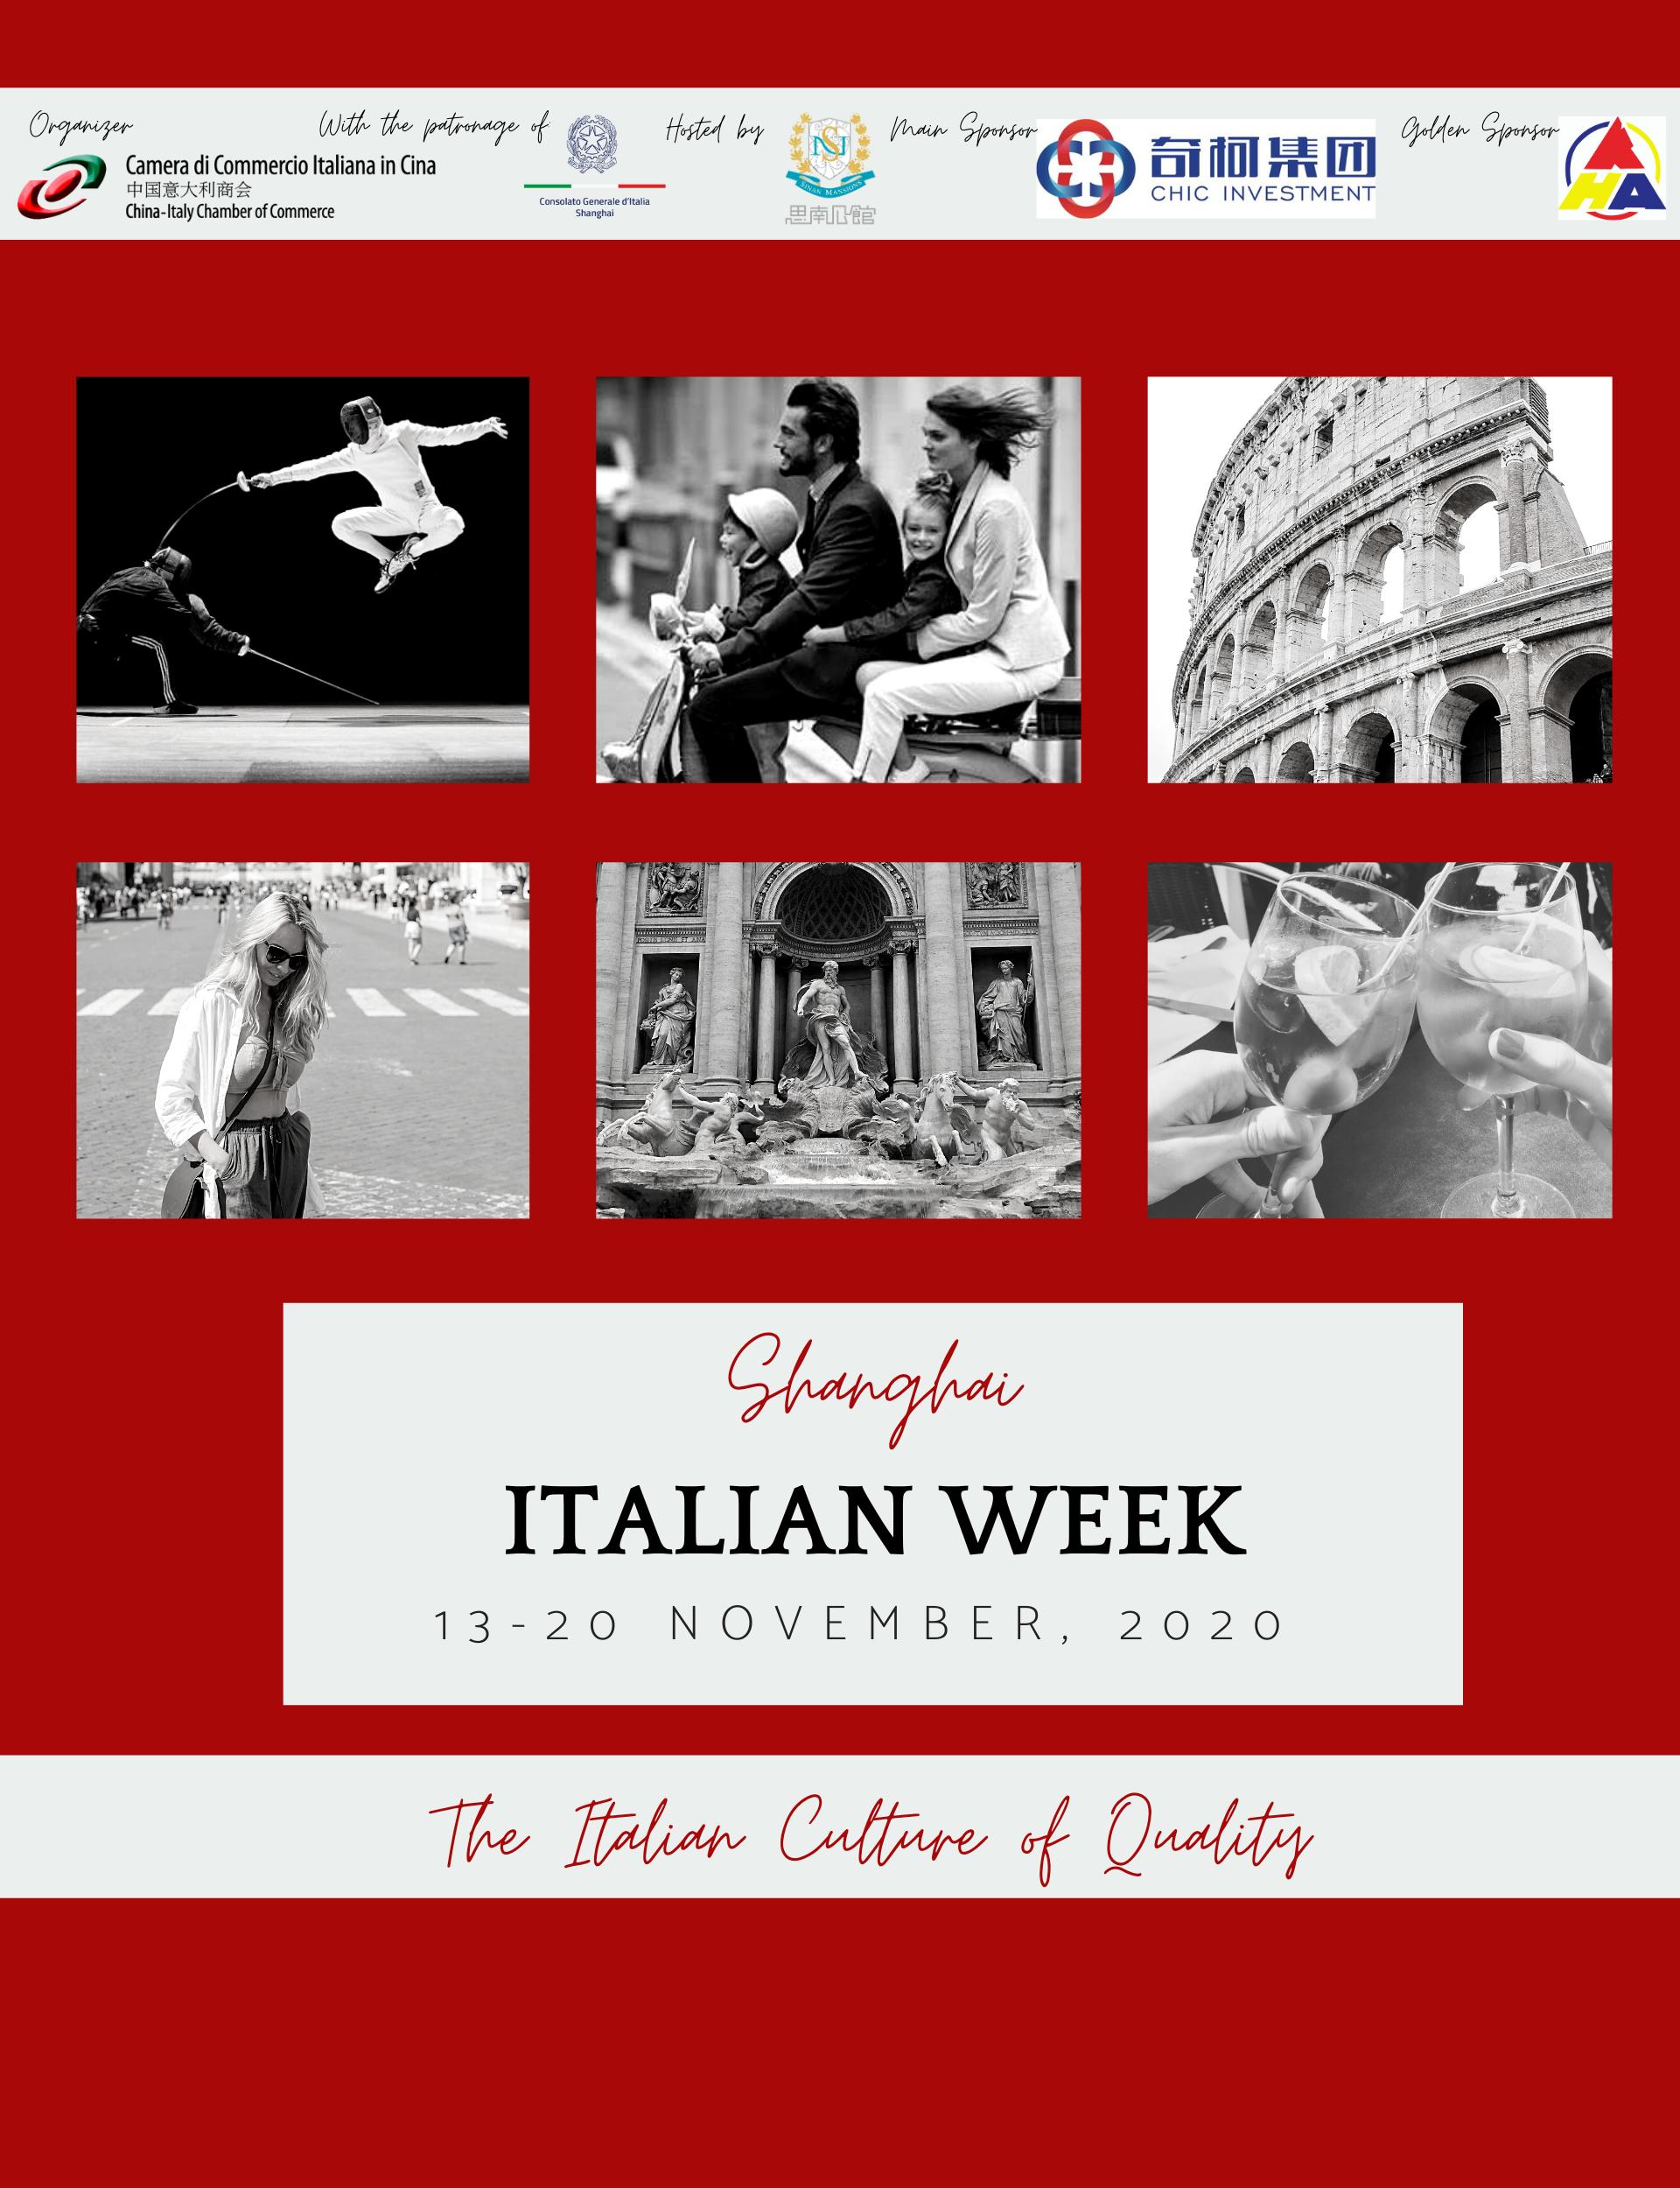 Italian Week: The Culture of Quality 13-20 November (Shanghai)